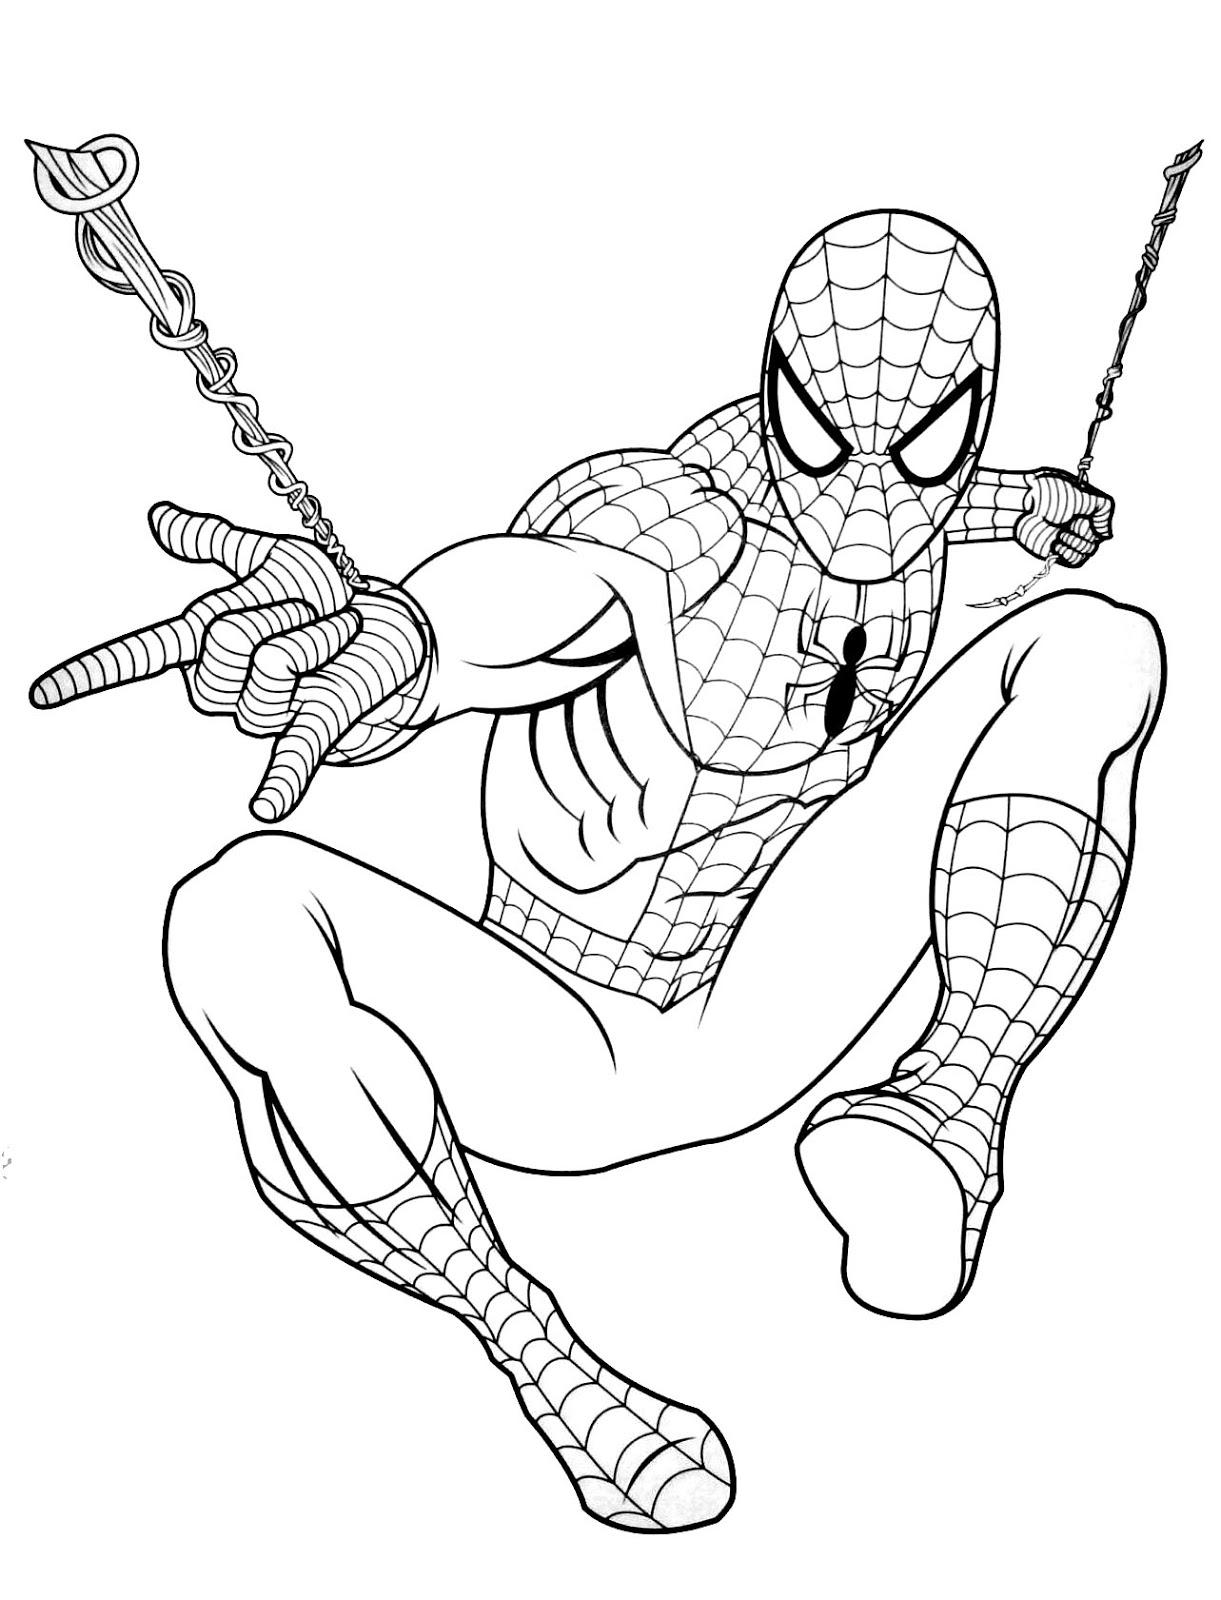 Tranh tô màu người nhện 02